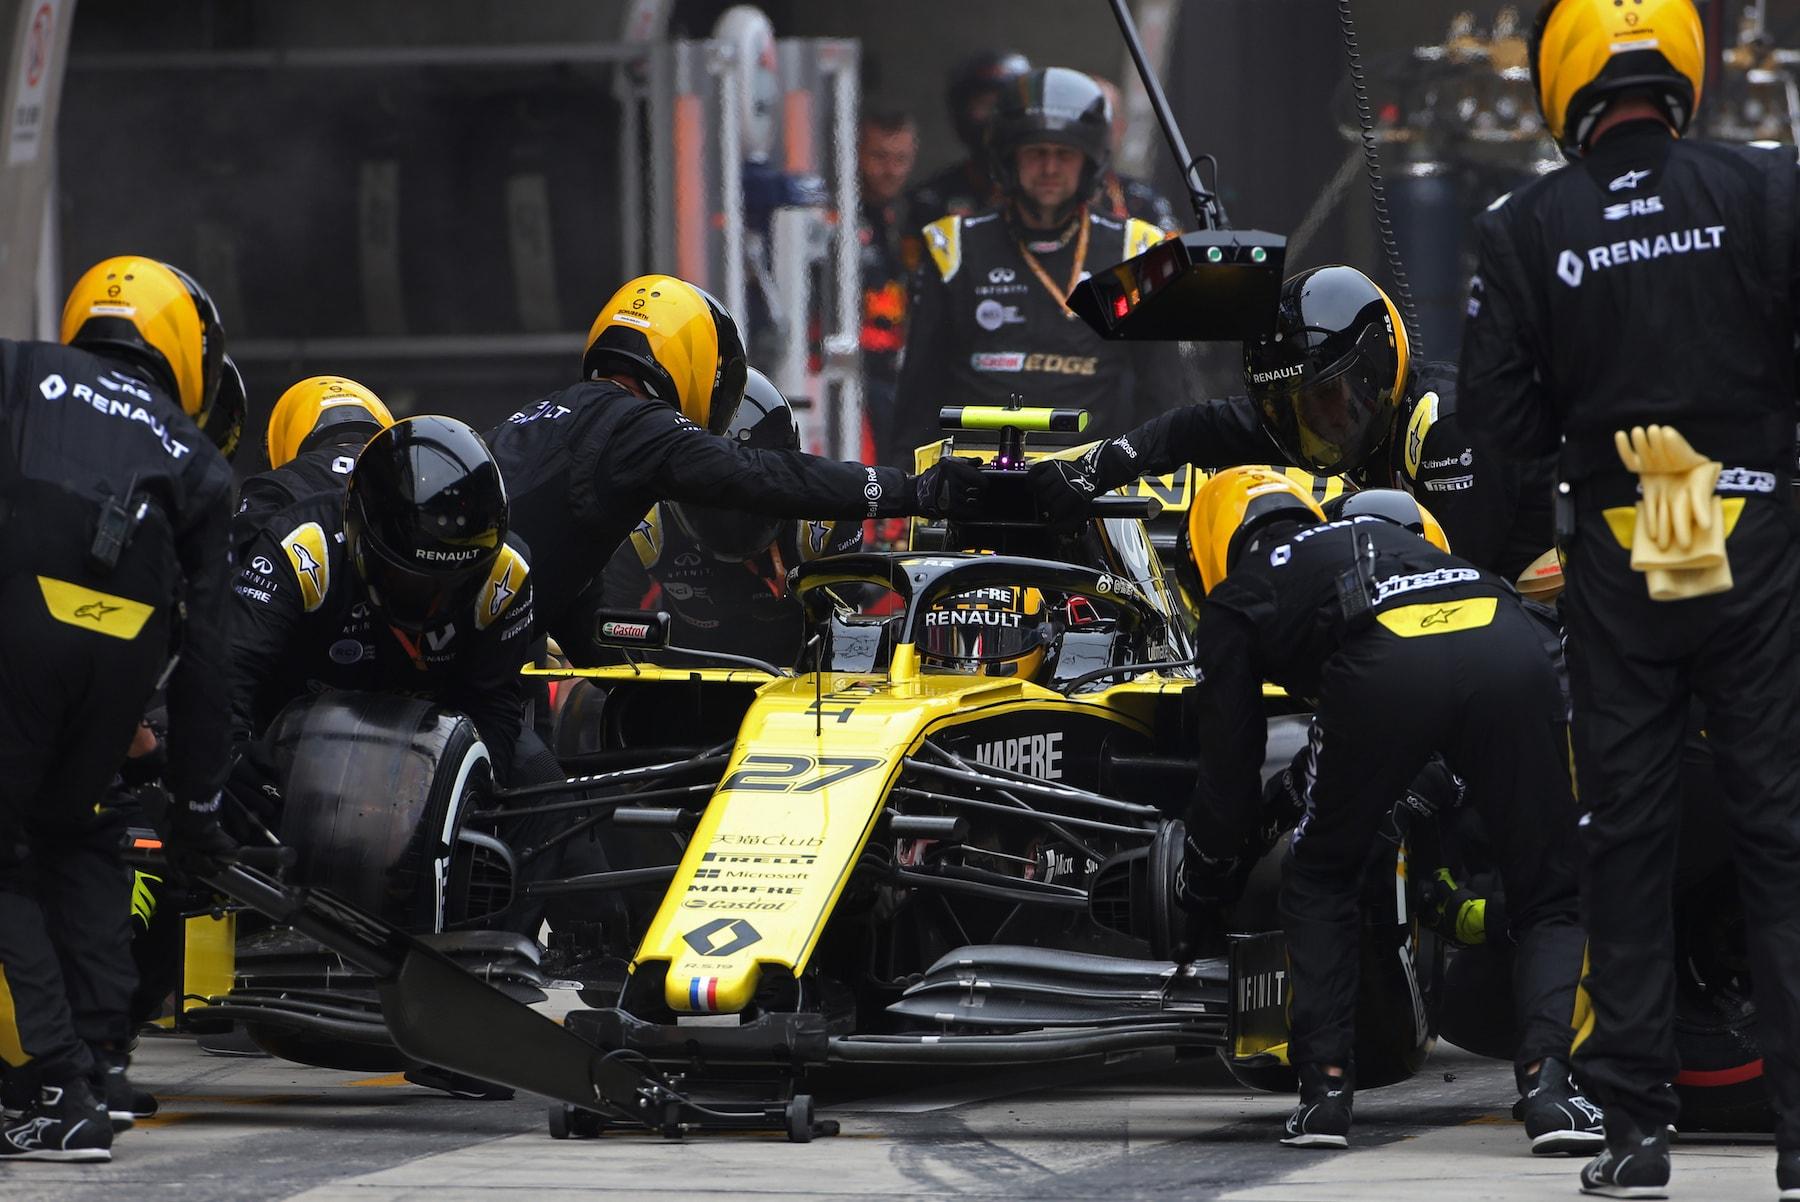 3 2019 Nico Hulkenberg | Renault RS19 | 2019 Chinese GP 1 copy.jpg